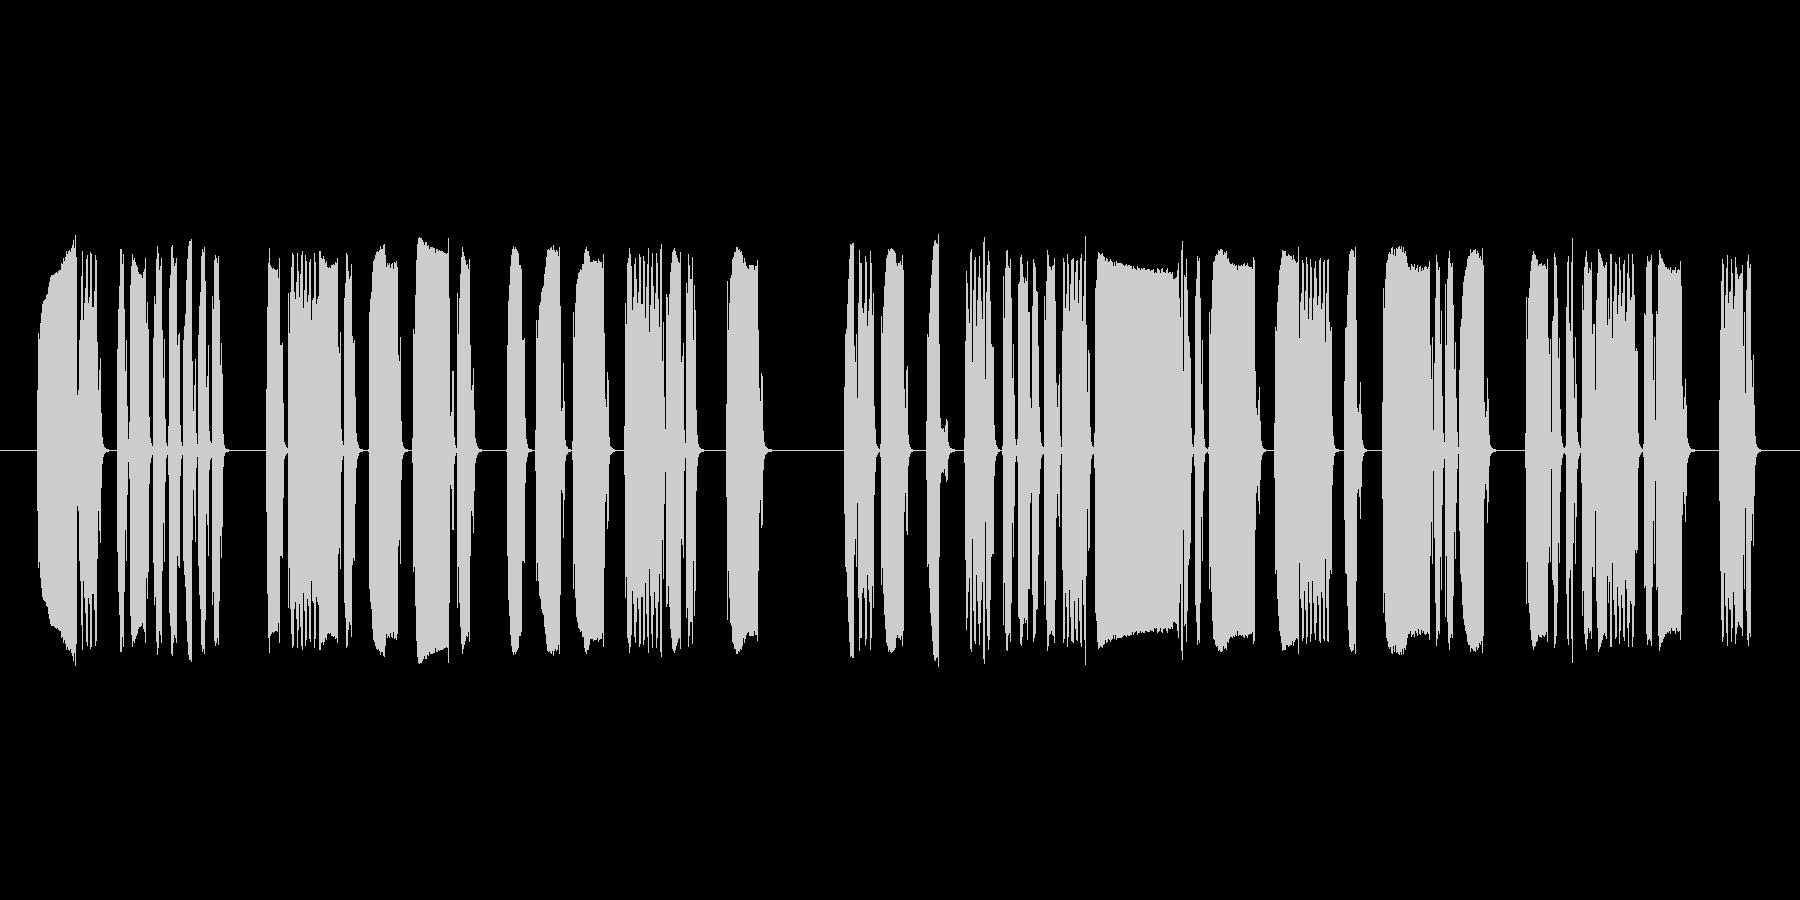 コメディシンセキュートロボットの未再生の波形